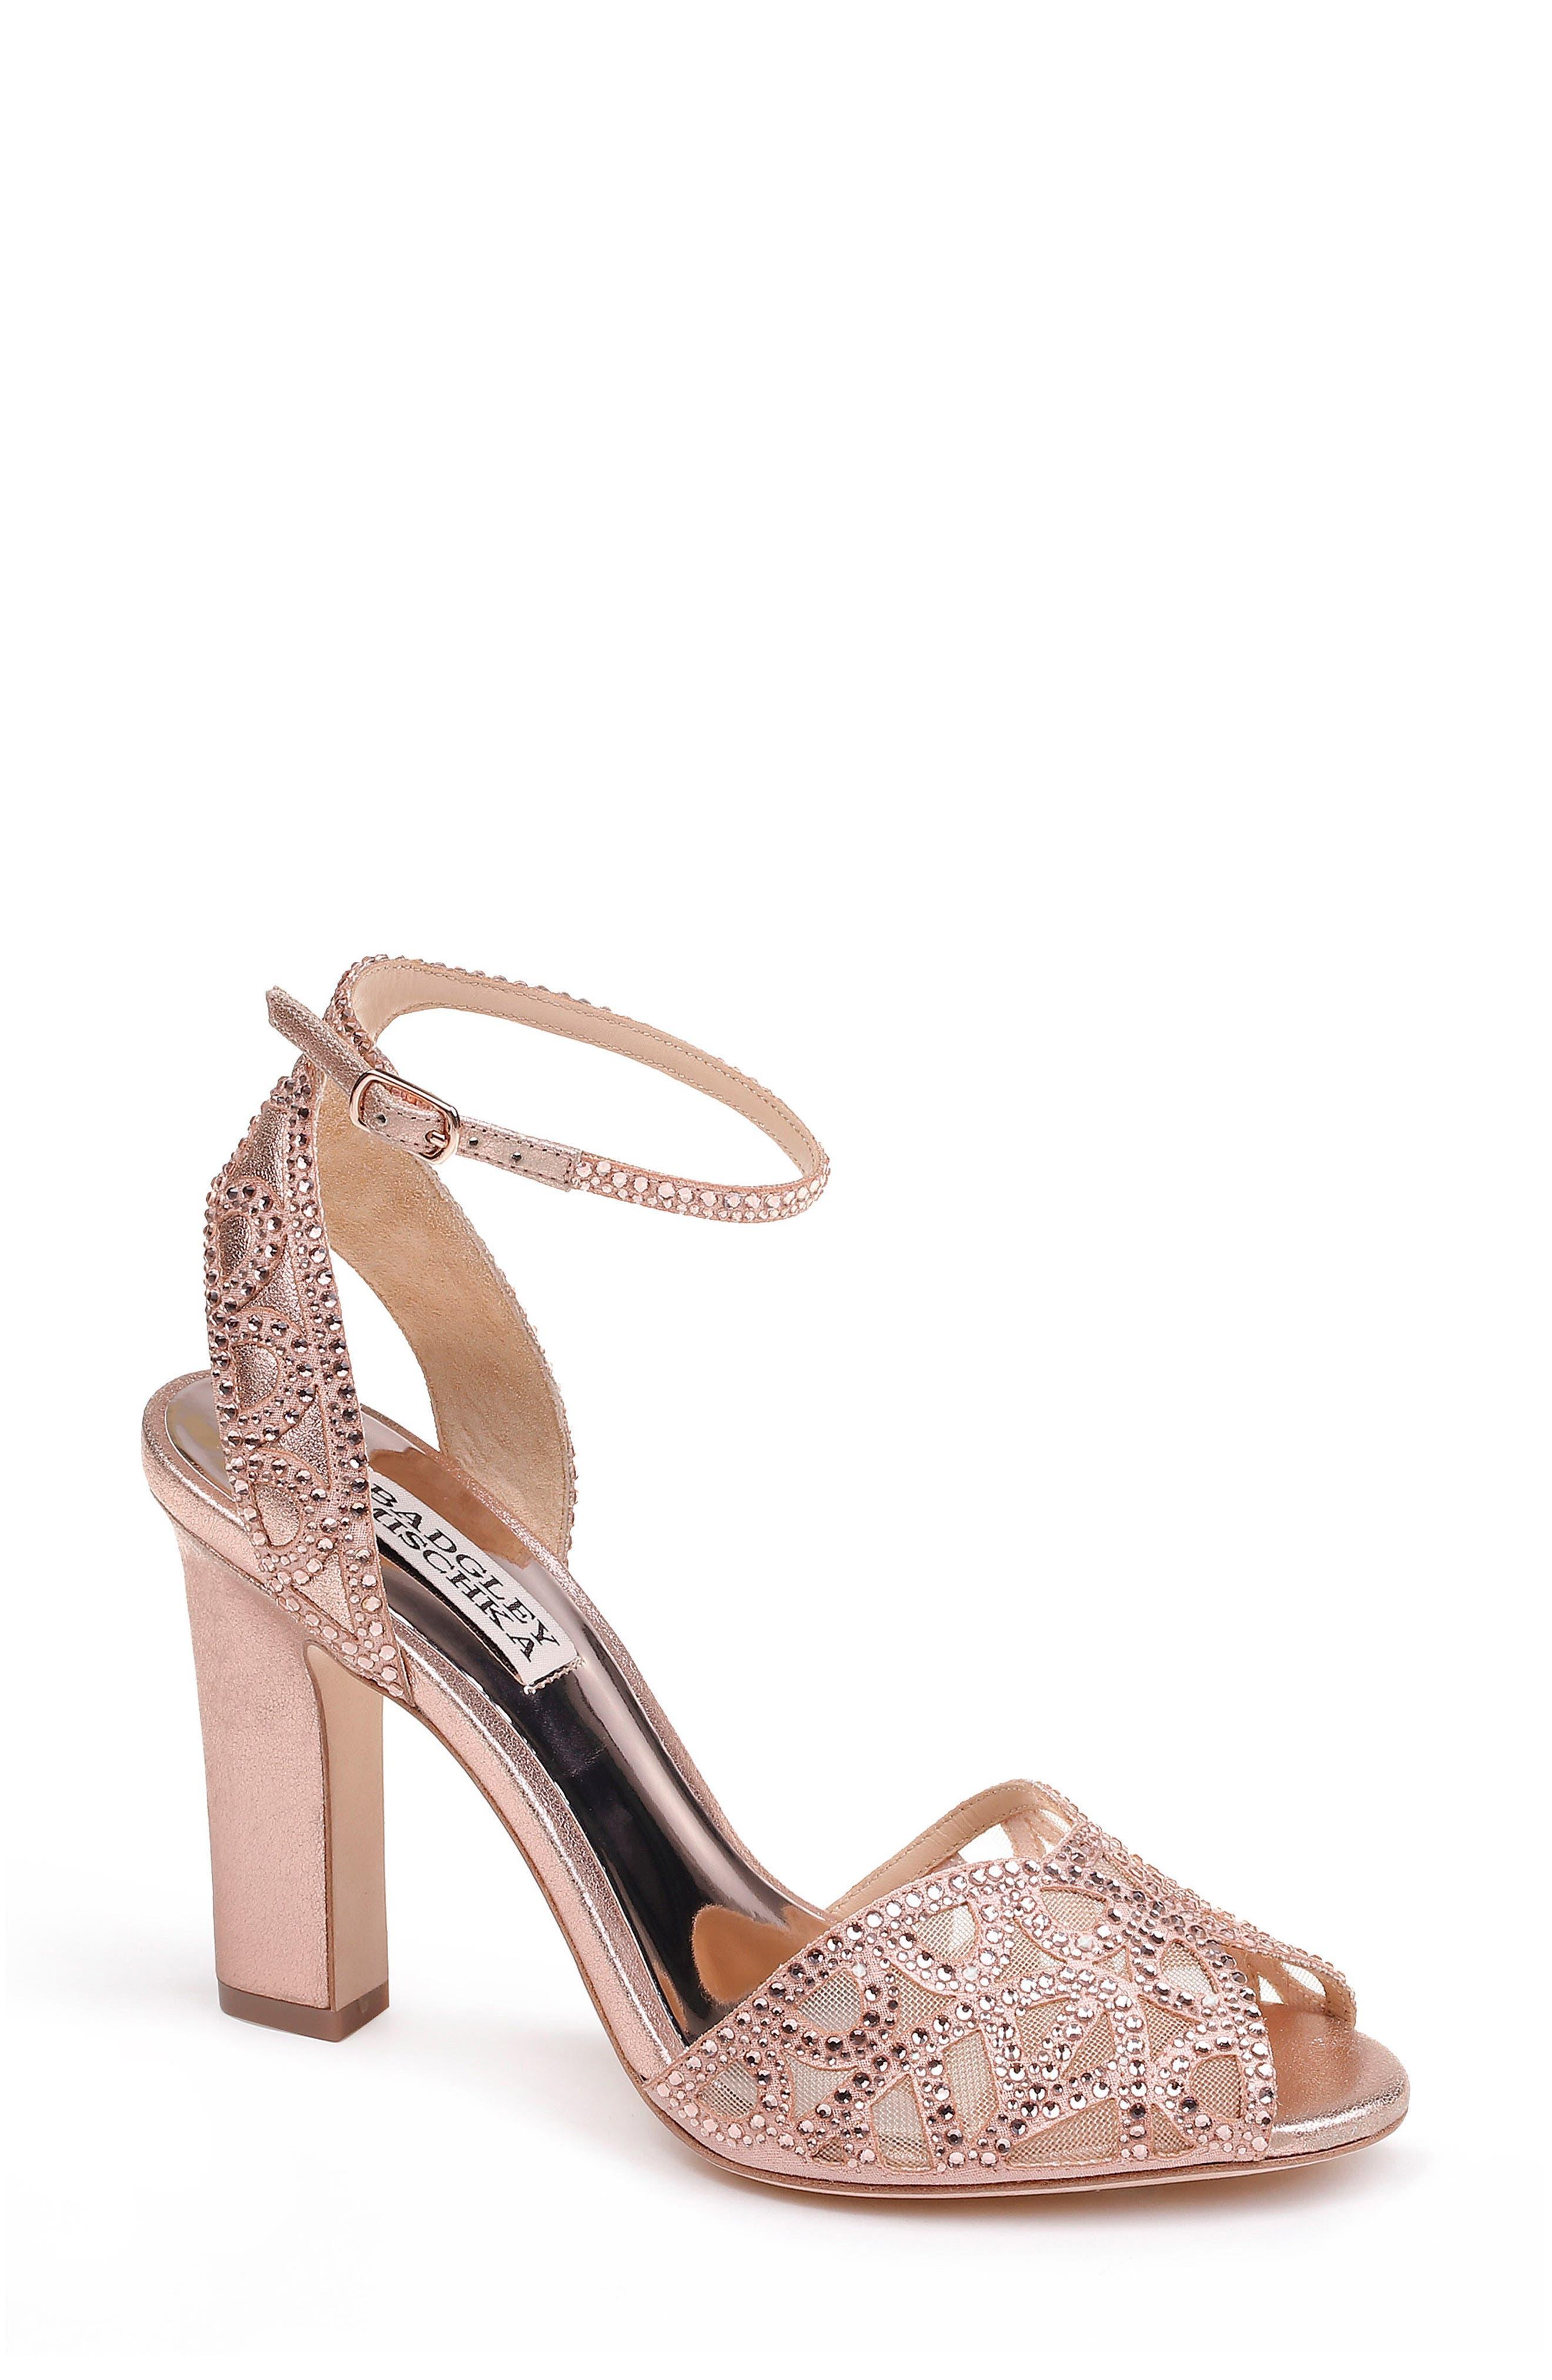 Hart Crystal Embellished Sandal,                         Main,                         color, ROSE GOLD METALLIC SUEDE